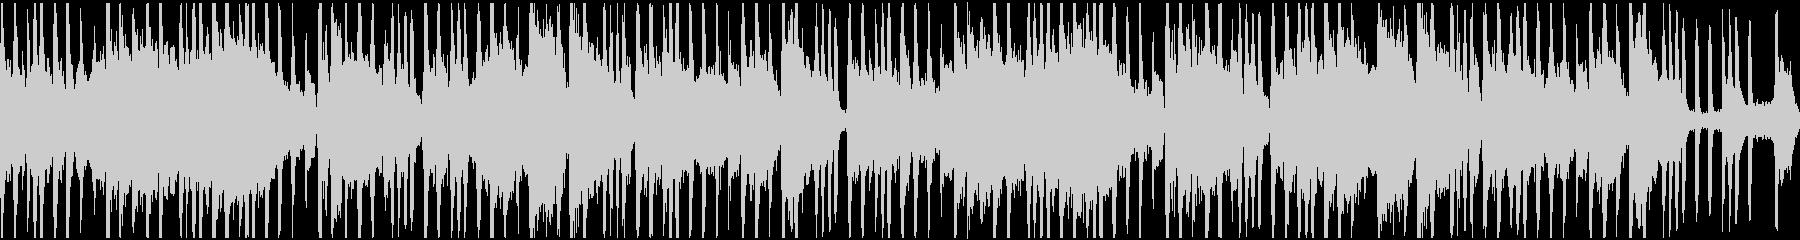 メロウなヒップホップ系ループの未再生の波形